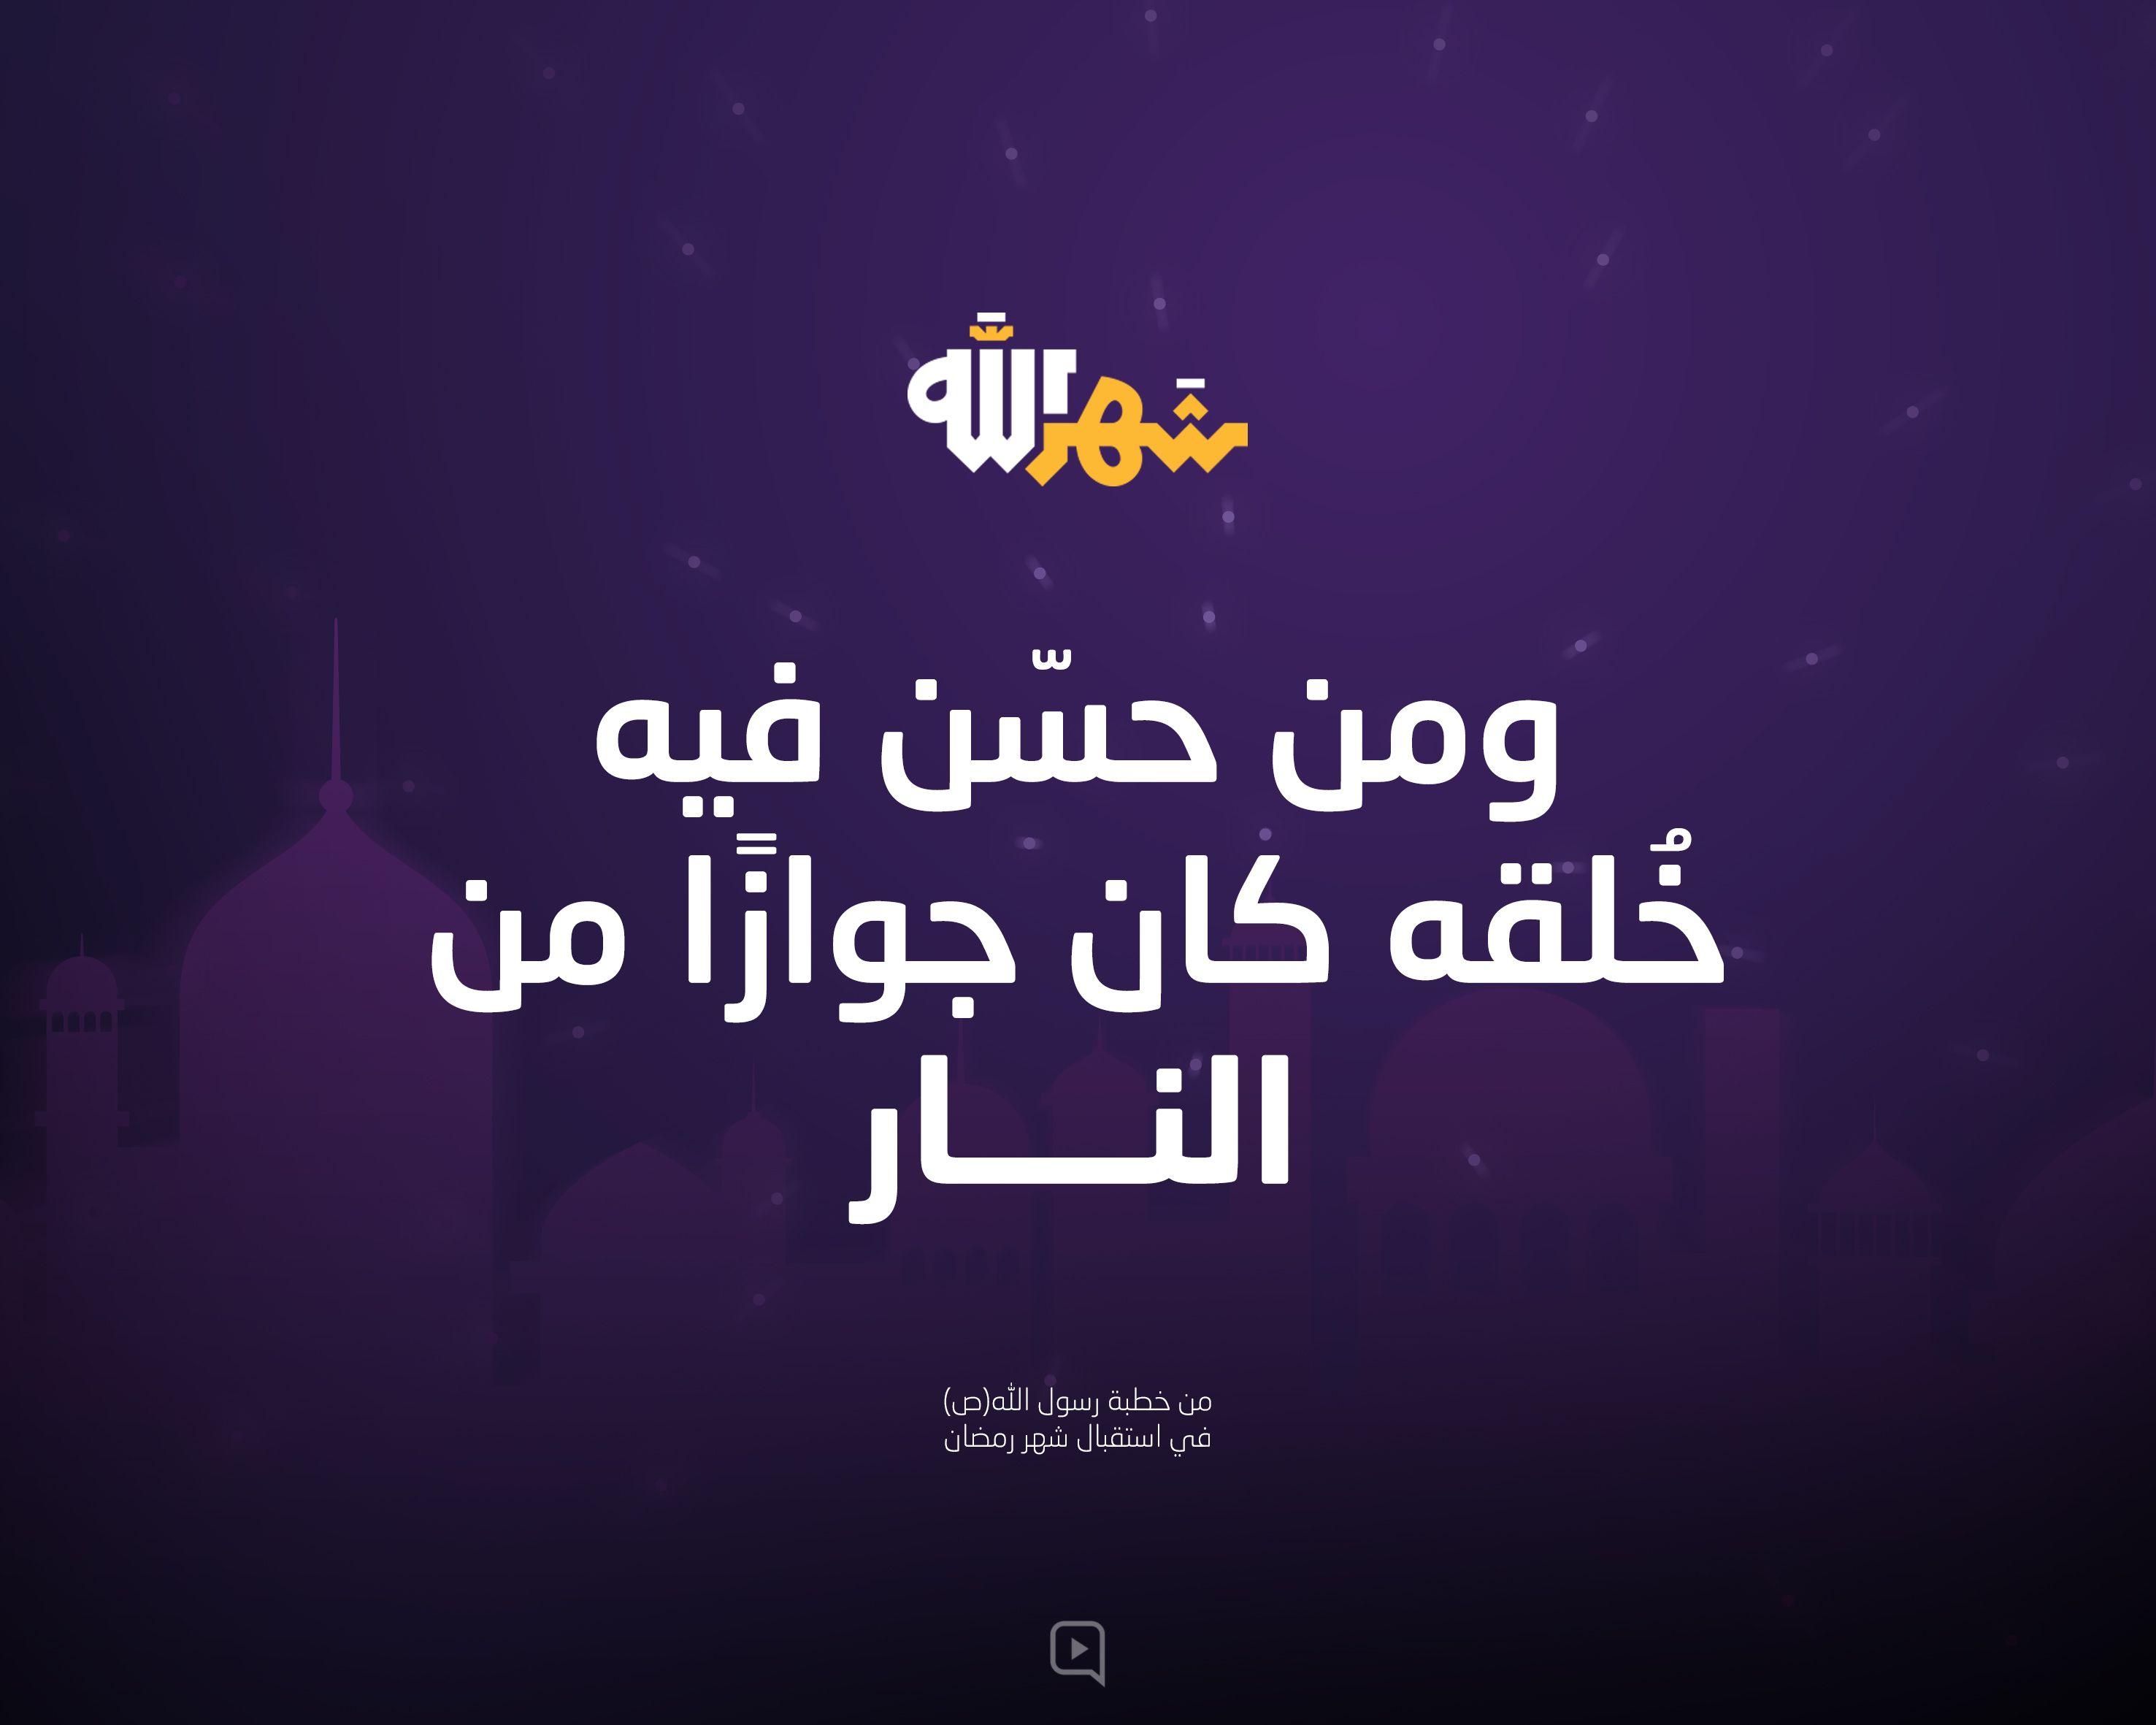 شهر رمضان Movies Movie Posters Poster